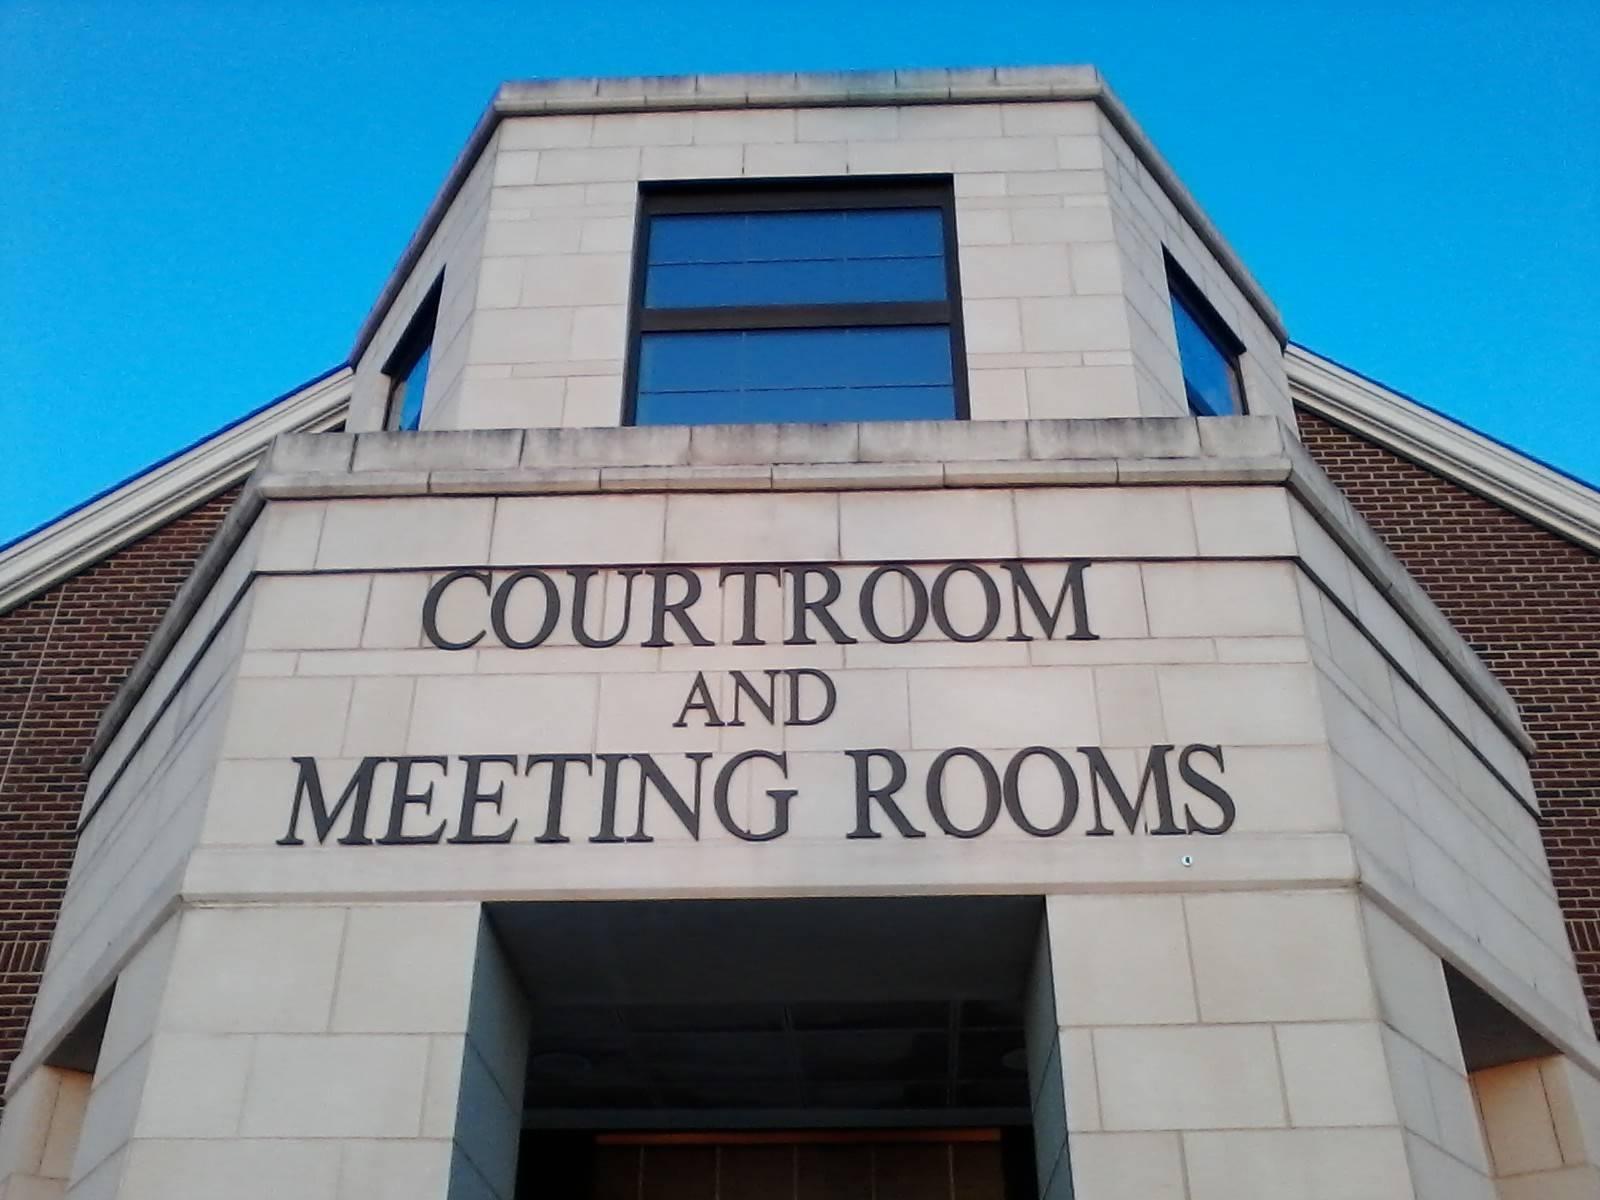 96499643aea995c71944_bridgewater_courtroom.jpg